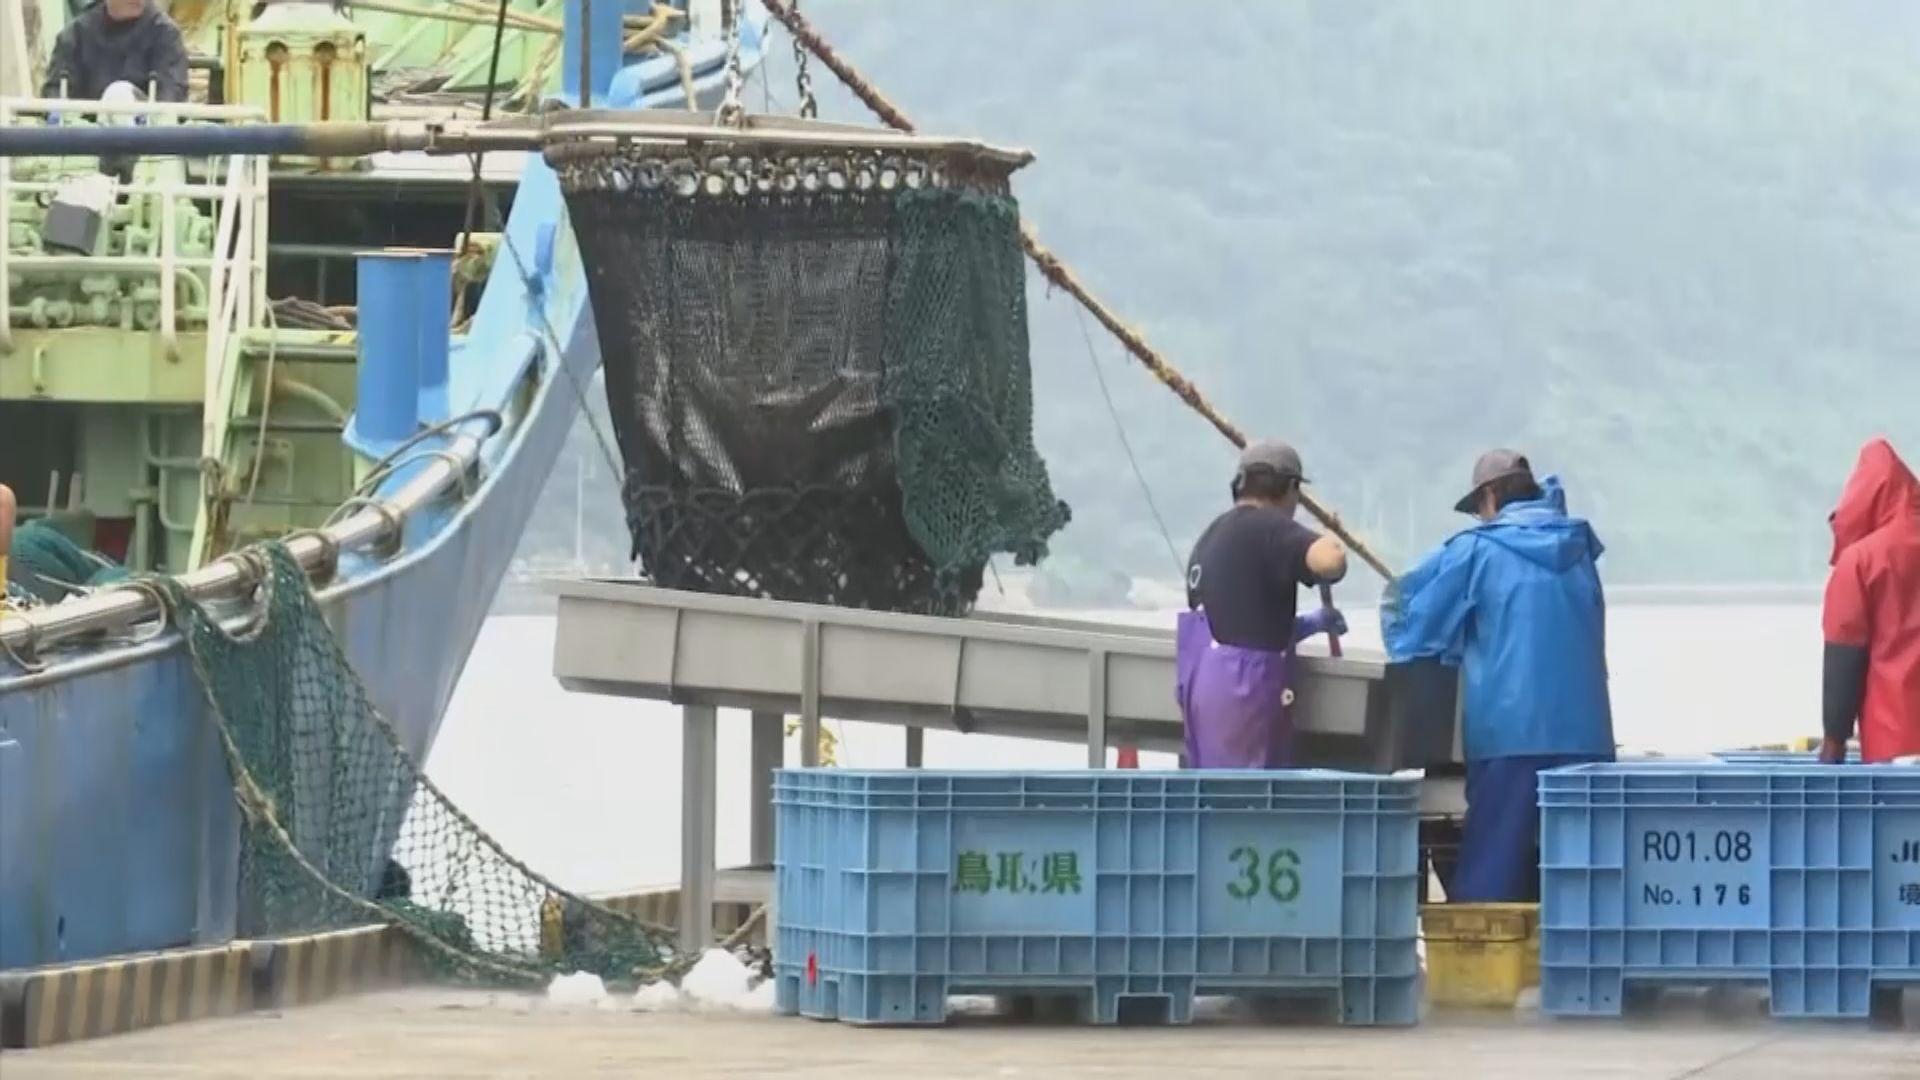 聯合國警告若日本將稀釋核污水排入大海屬侵犯人權